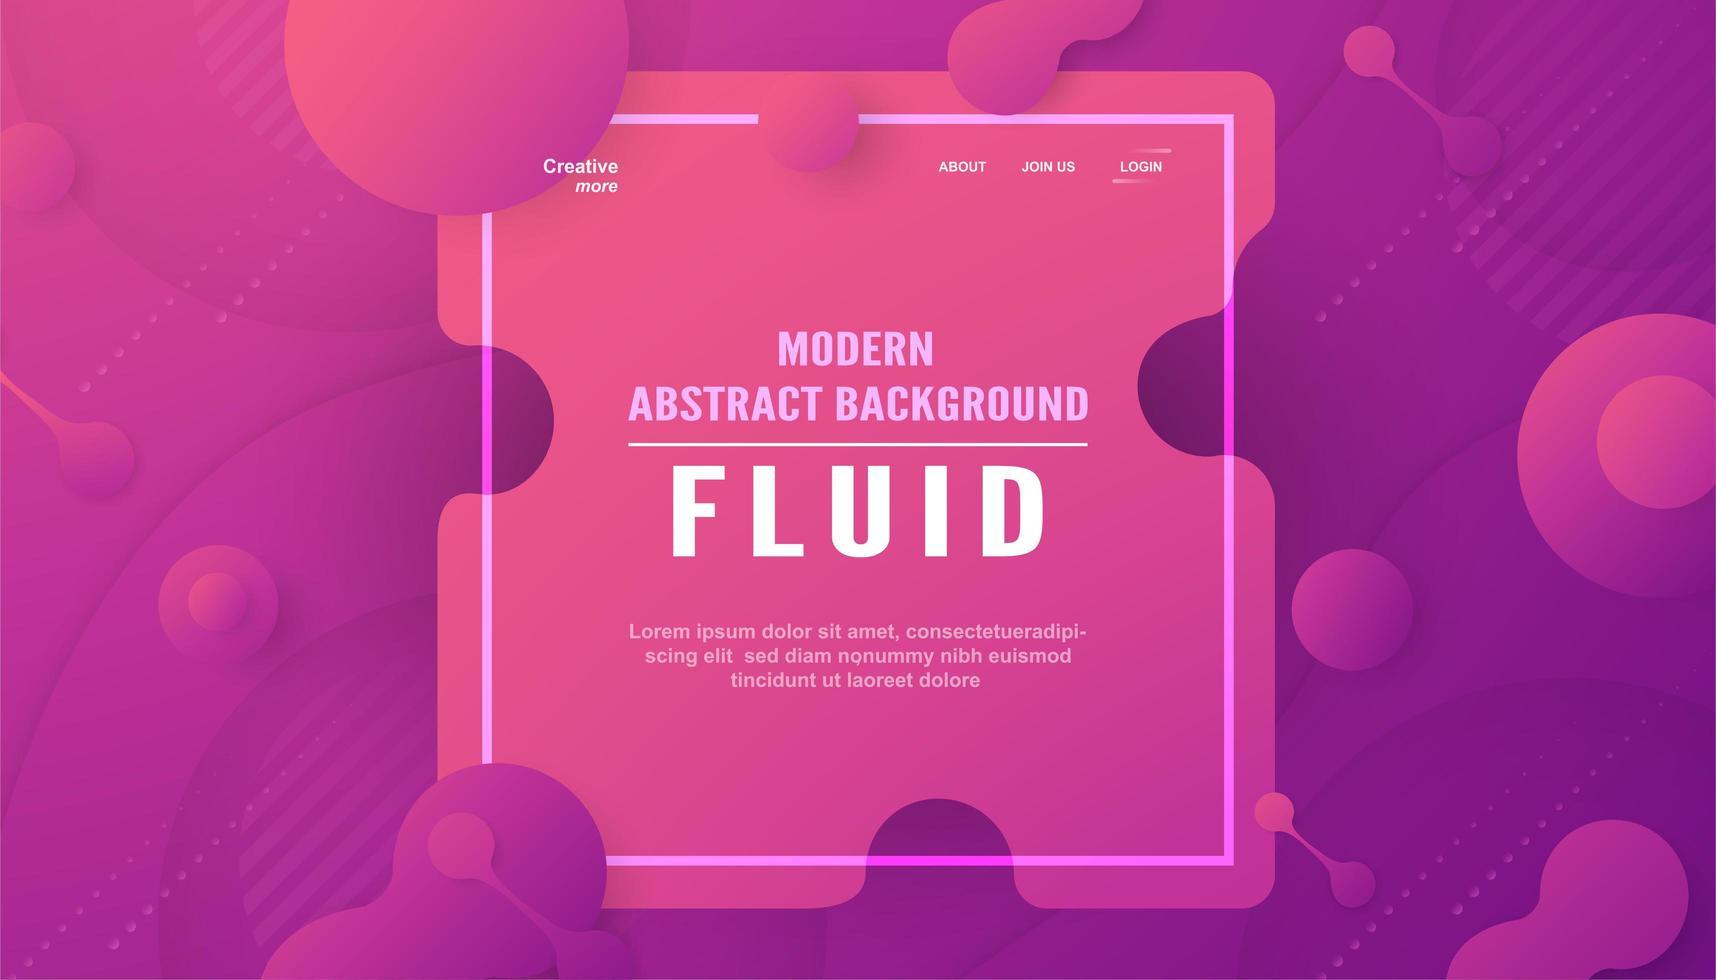 moderno sfondo astratto in stile liquido e fluido vettore